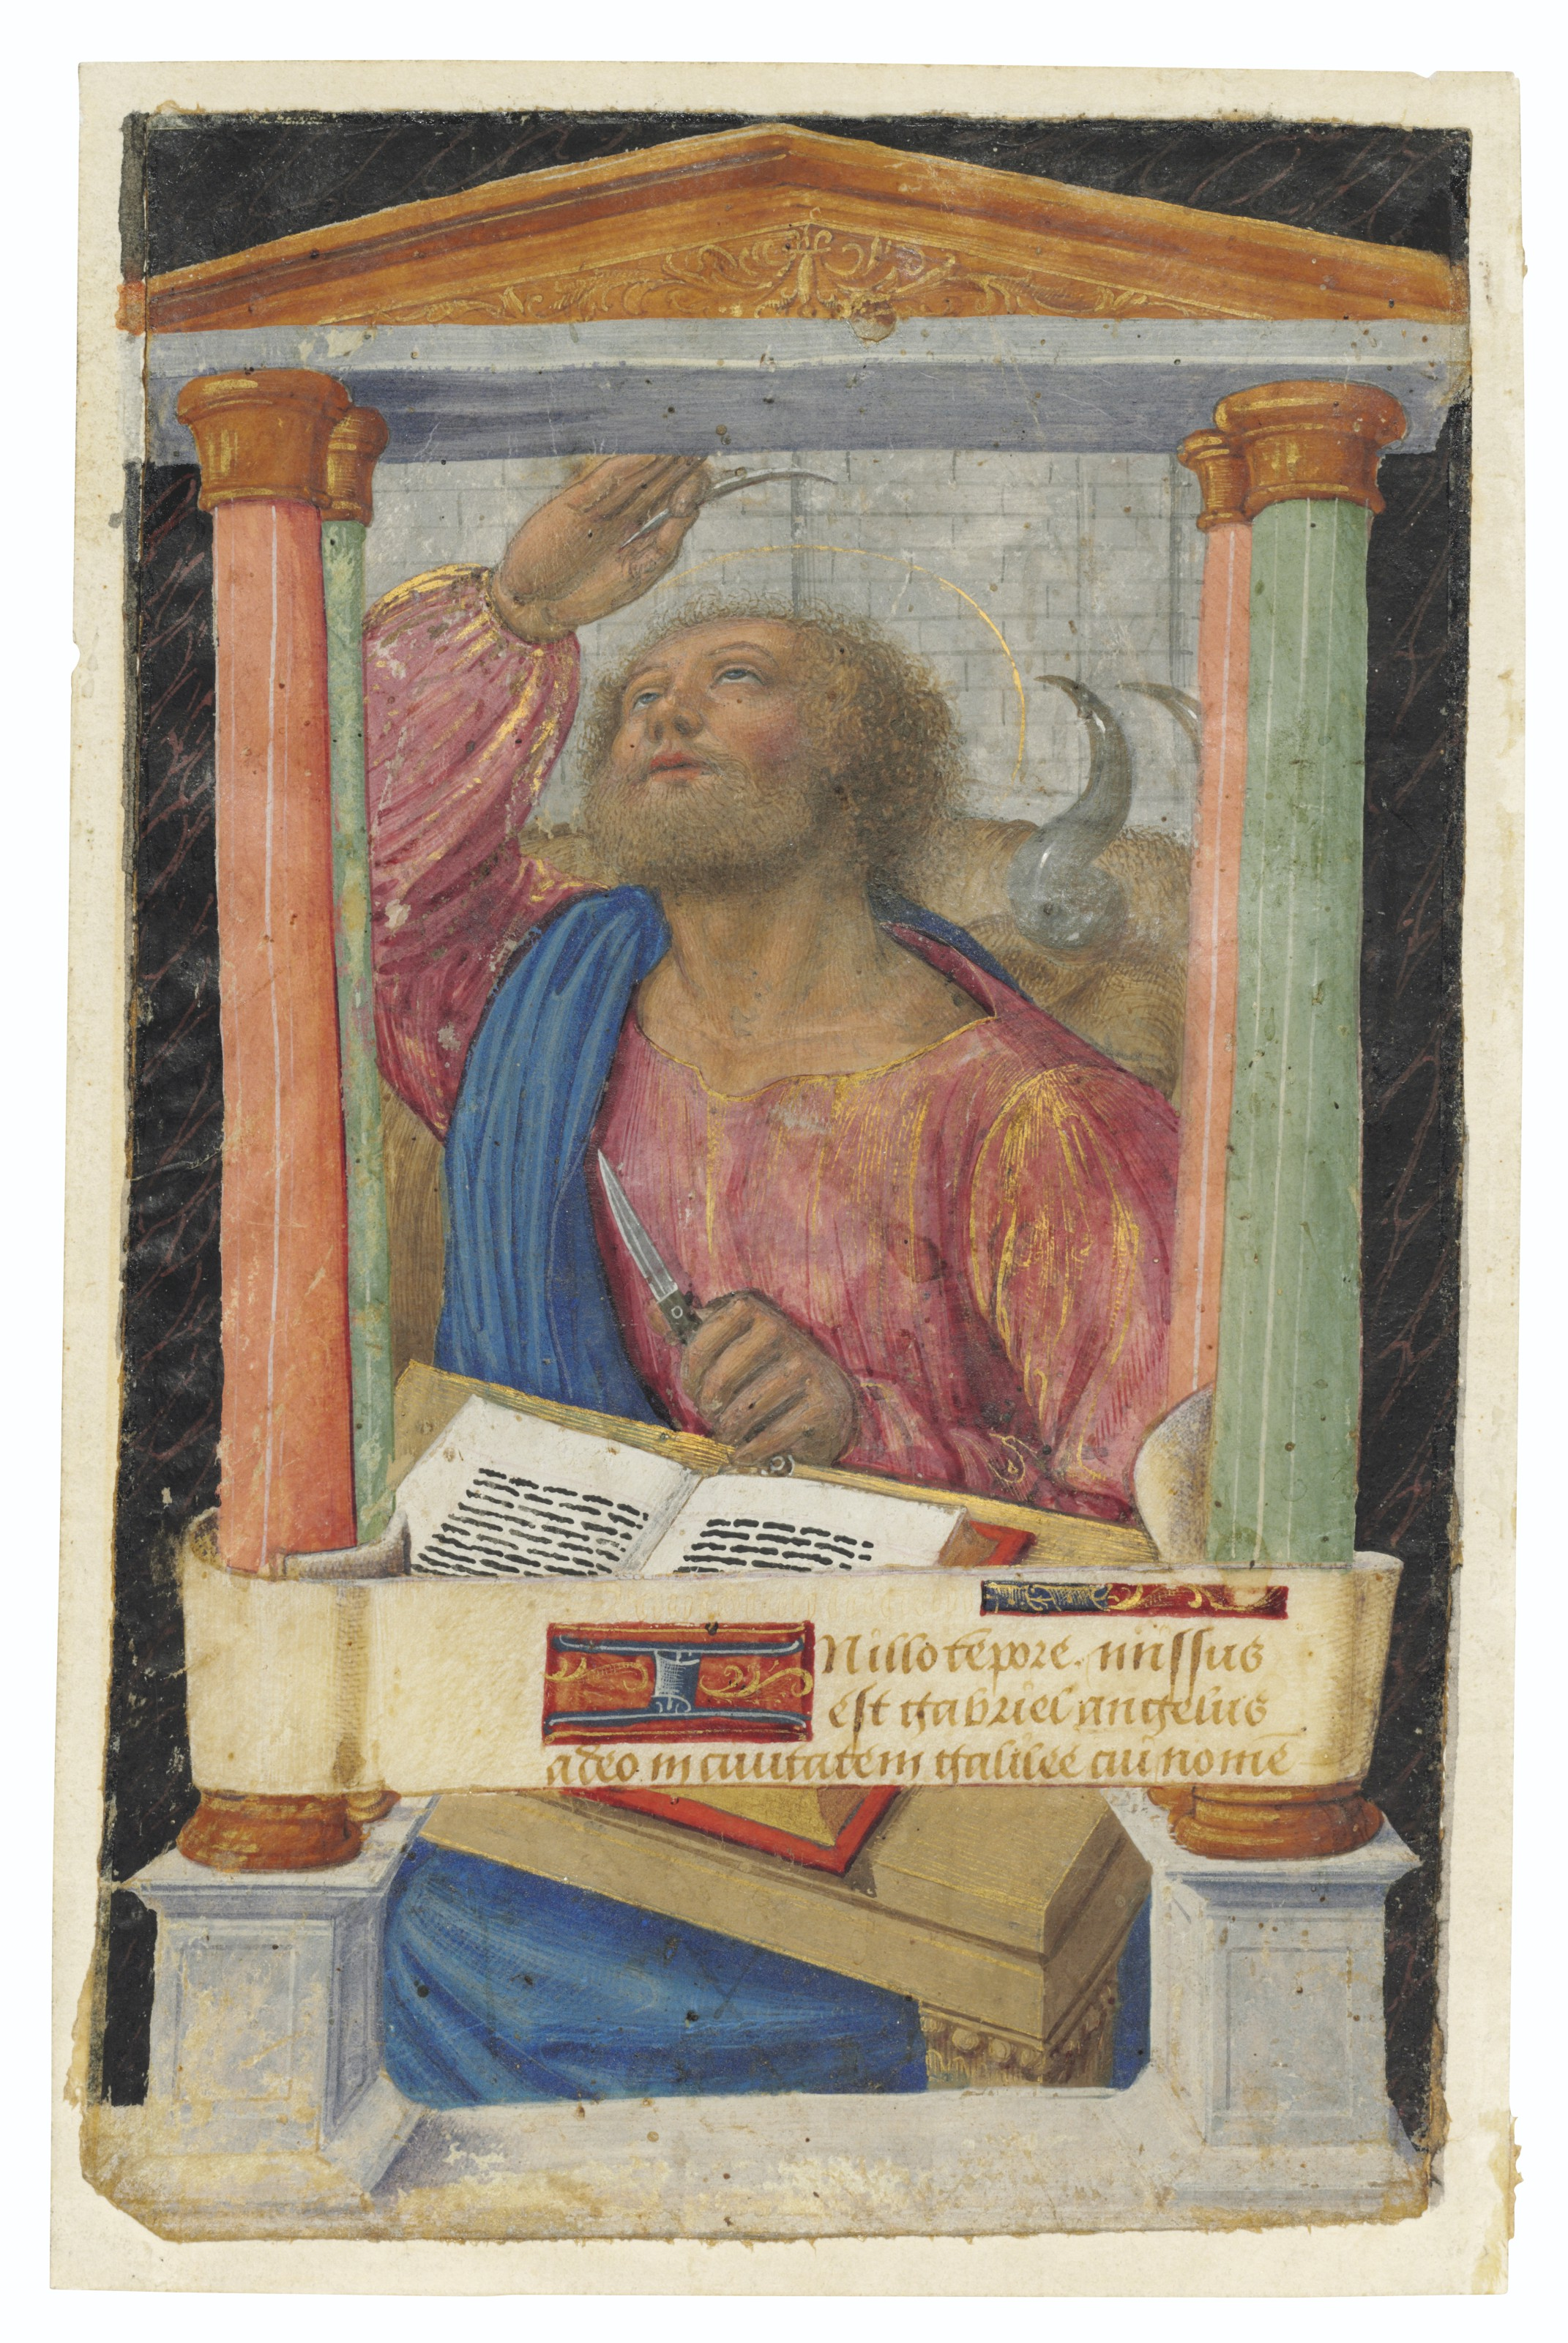 Associate of Jean Perréal (c.1450-1530)